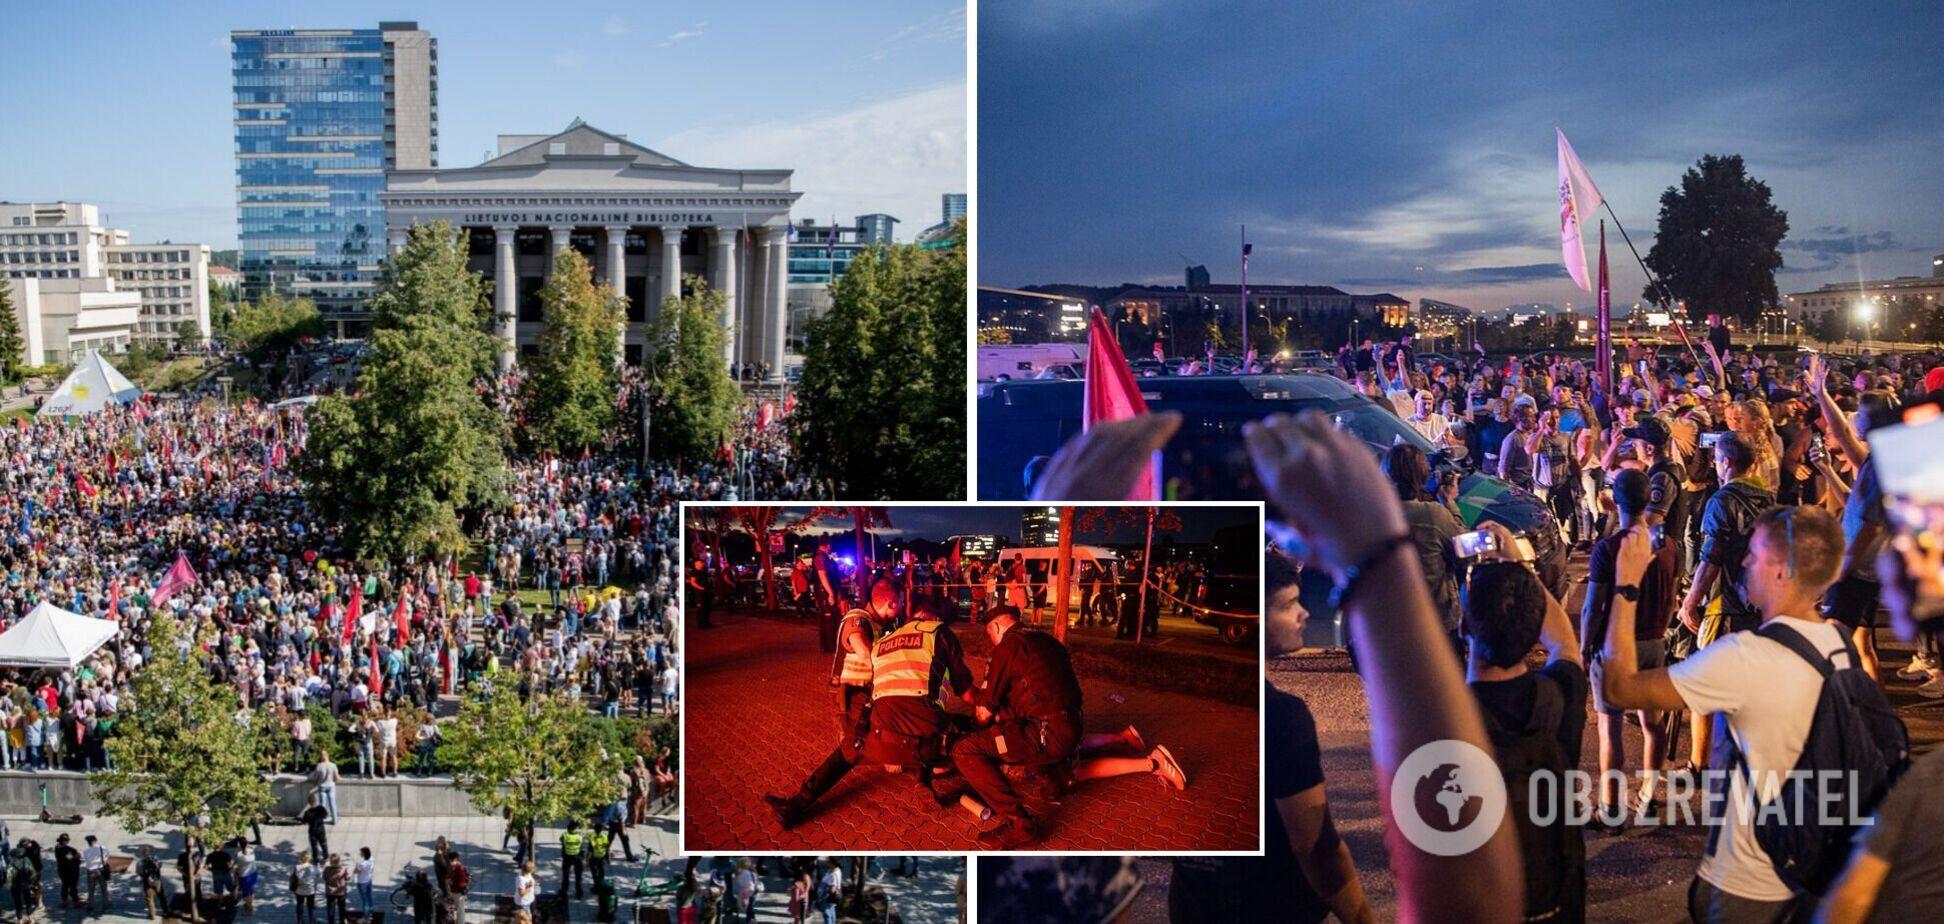 У Литві протести проти обмежень для невакцинованих переросли на сутички з поліцією. Фото та відео